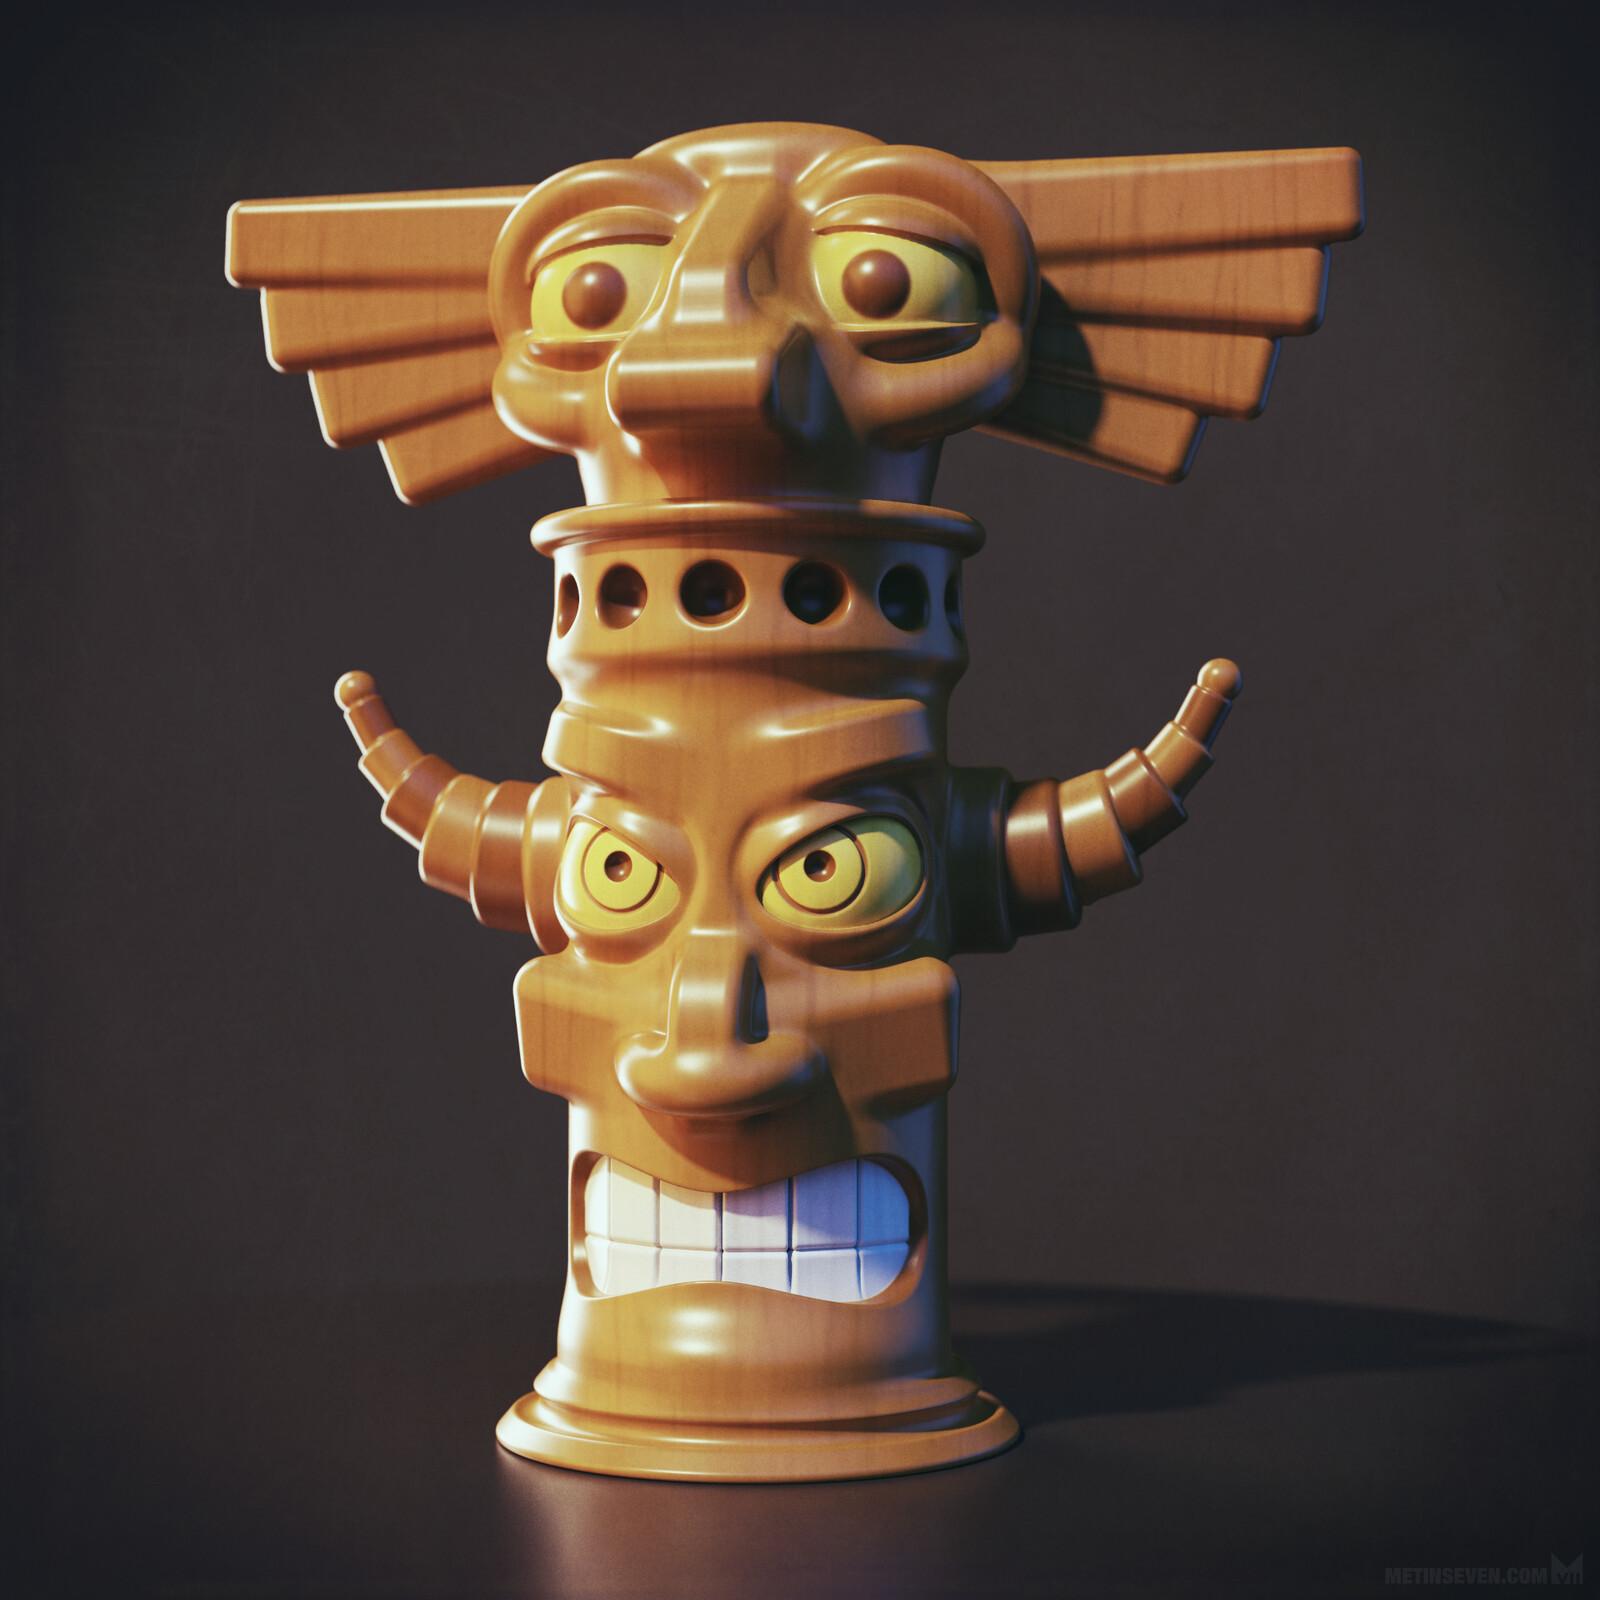 3D tiki totem character design 🗿